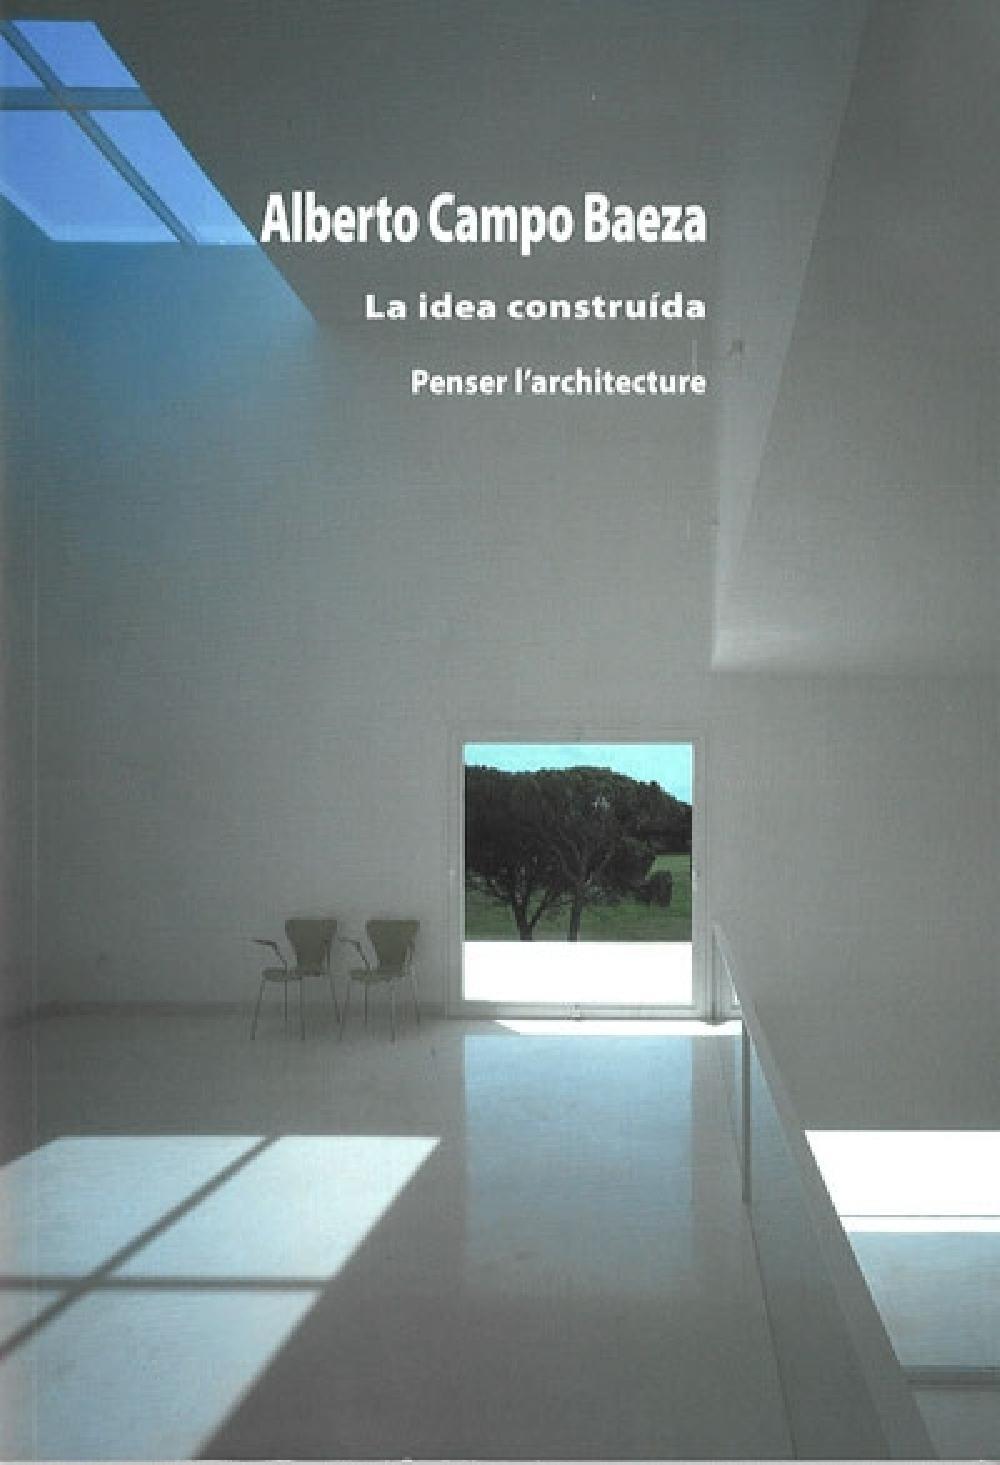 La idea construida - Penser l'architecture